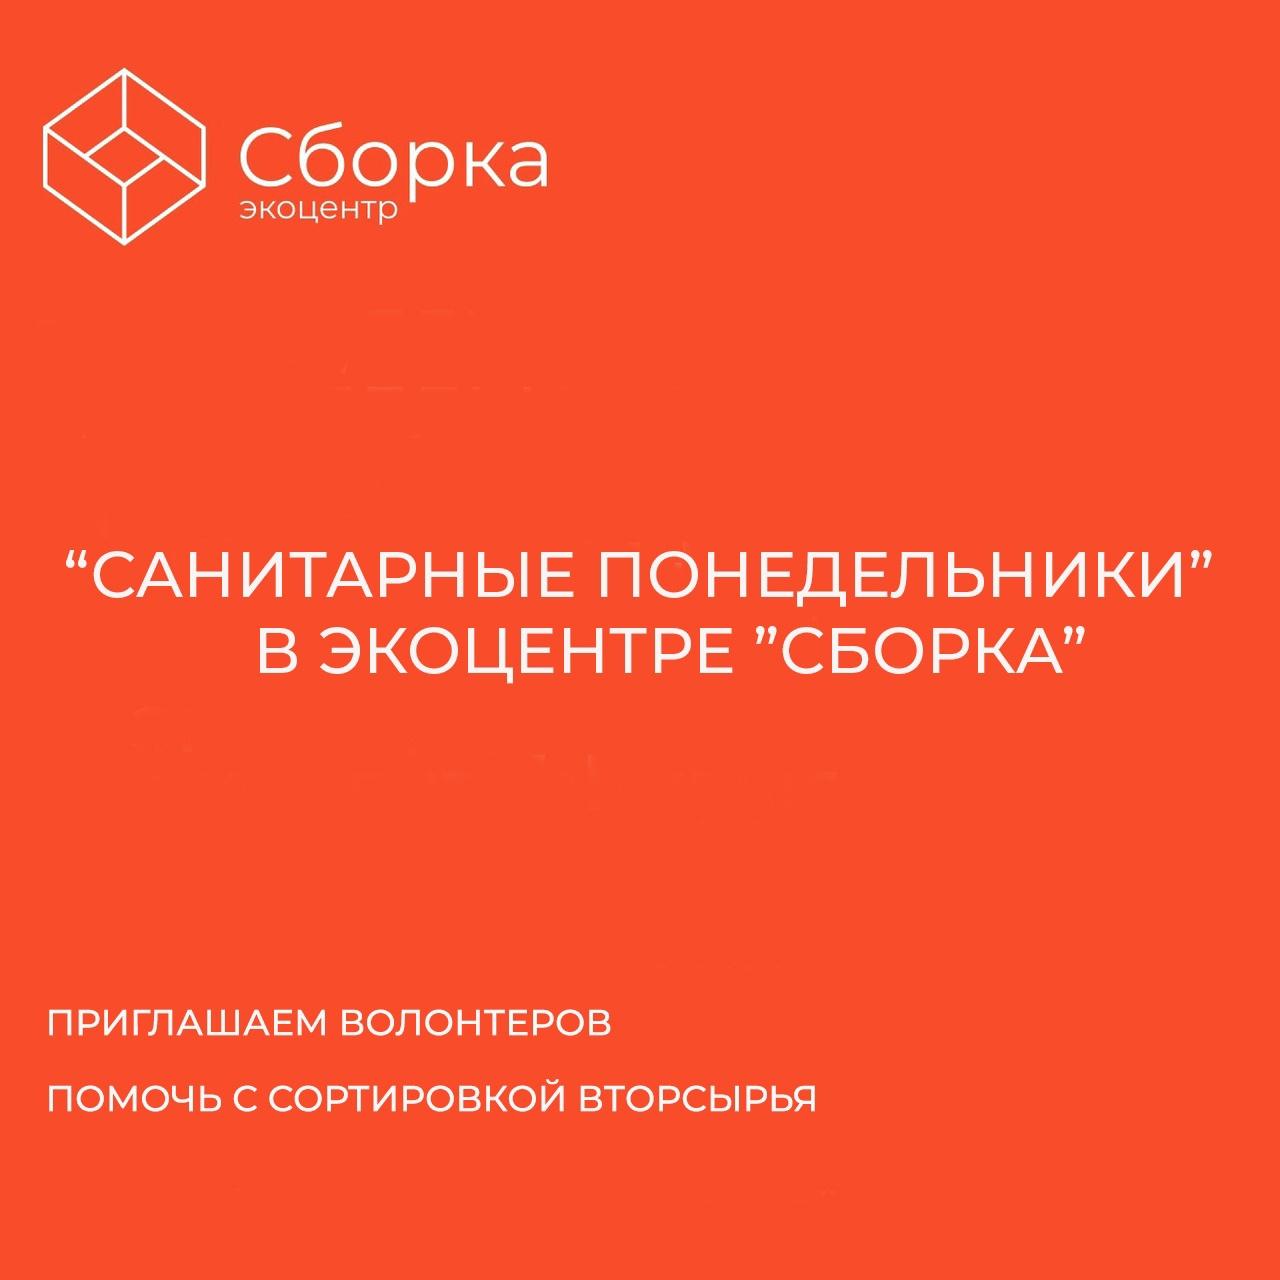 """""""Санитарные понедельники"""" в """"Сборке"""" возвращаются на постоянной основе до сентября"""